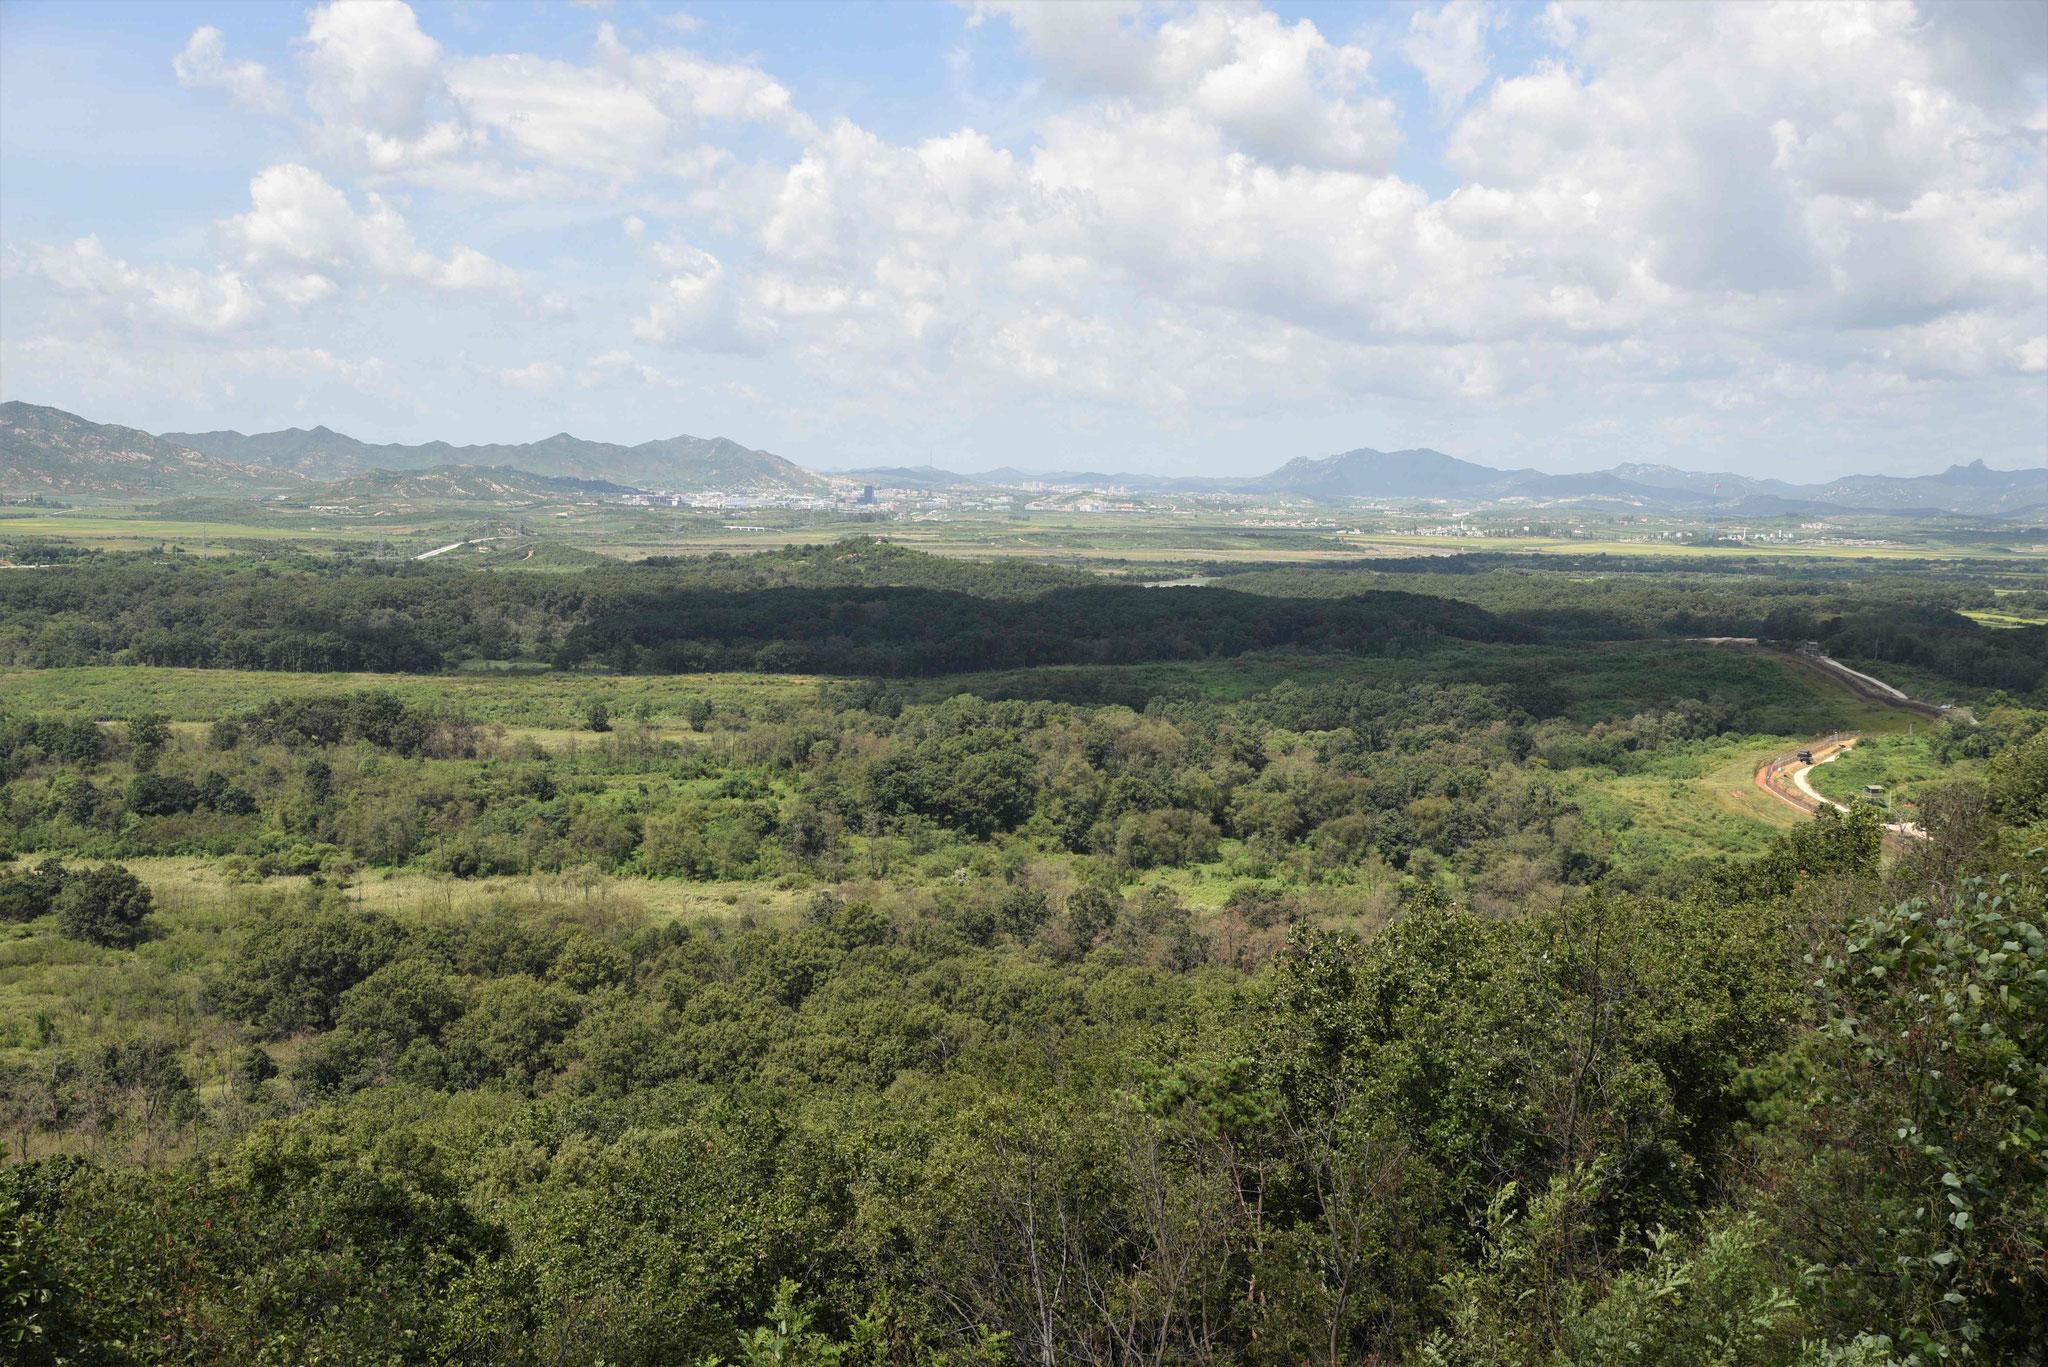 Blicke auf das Grenzgebiet beim Dora-Observatorium